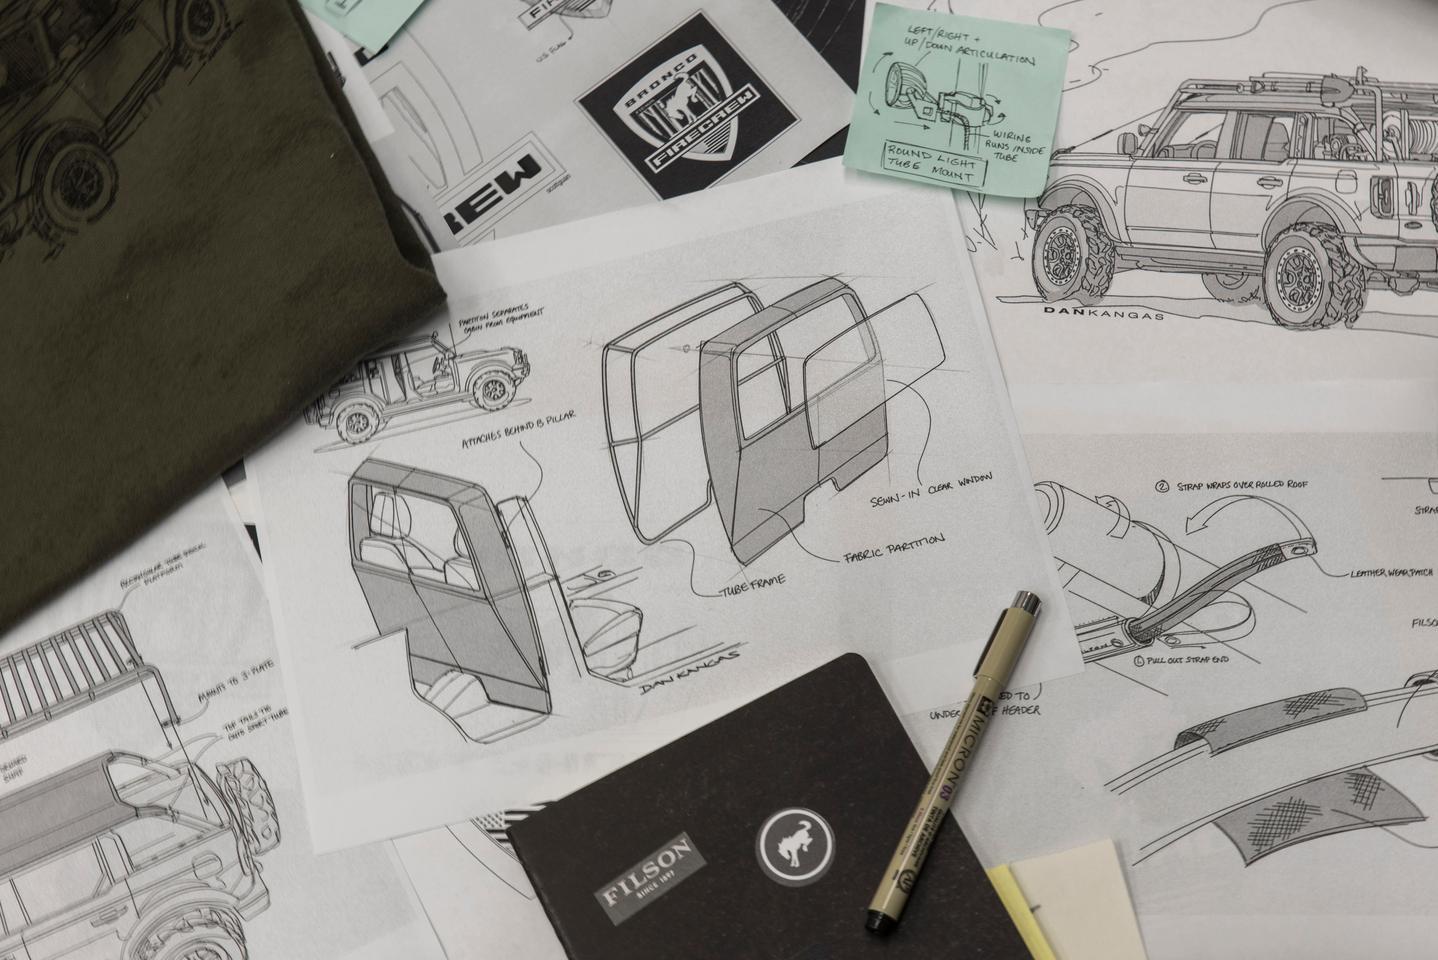 Bronco Wildland Fire Rig design sketches